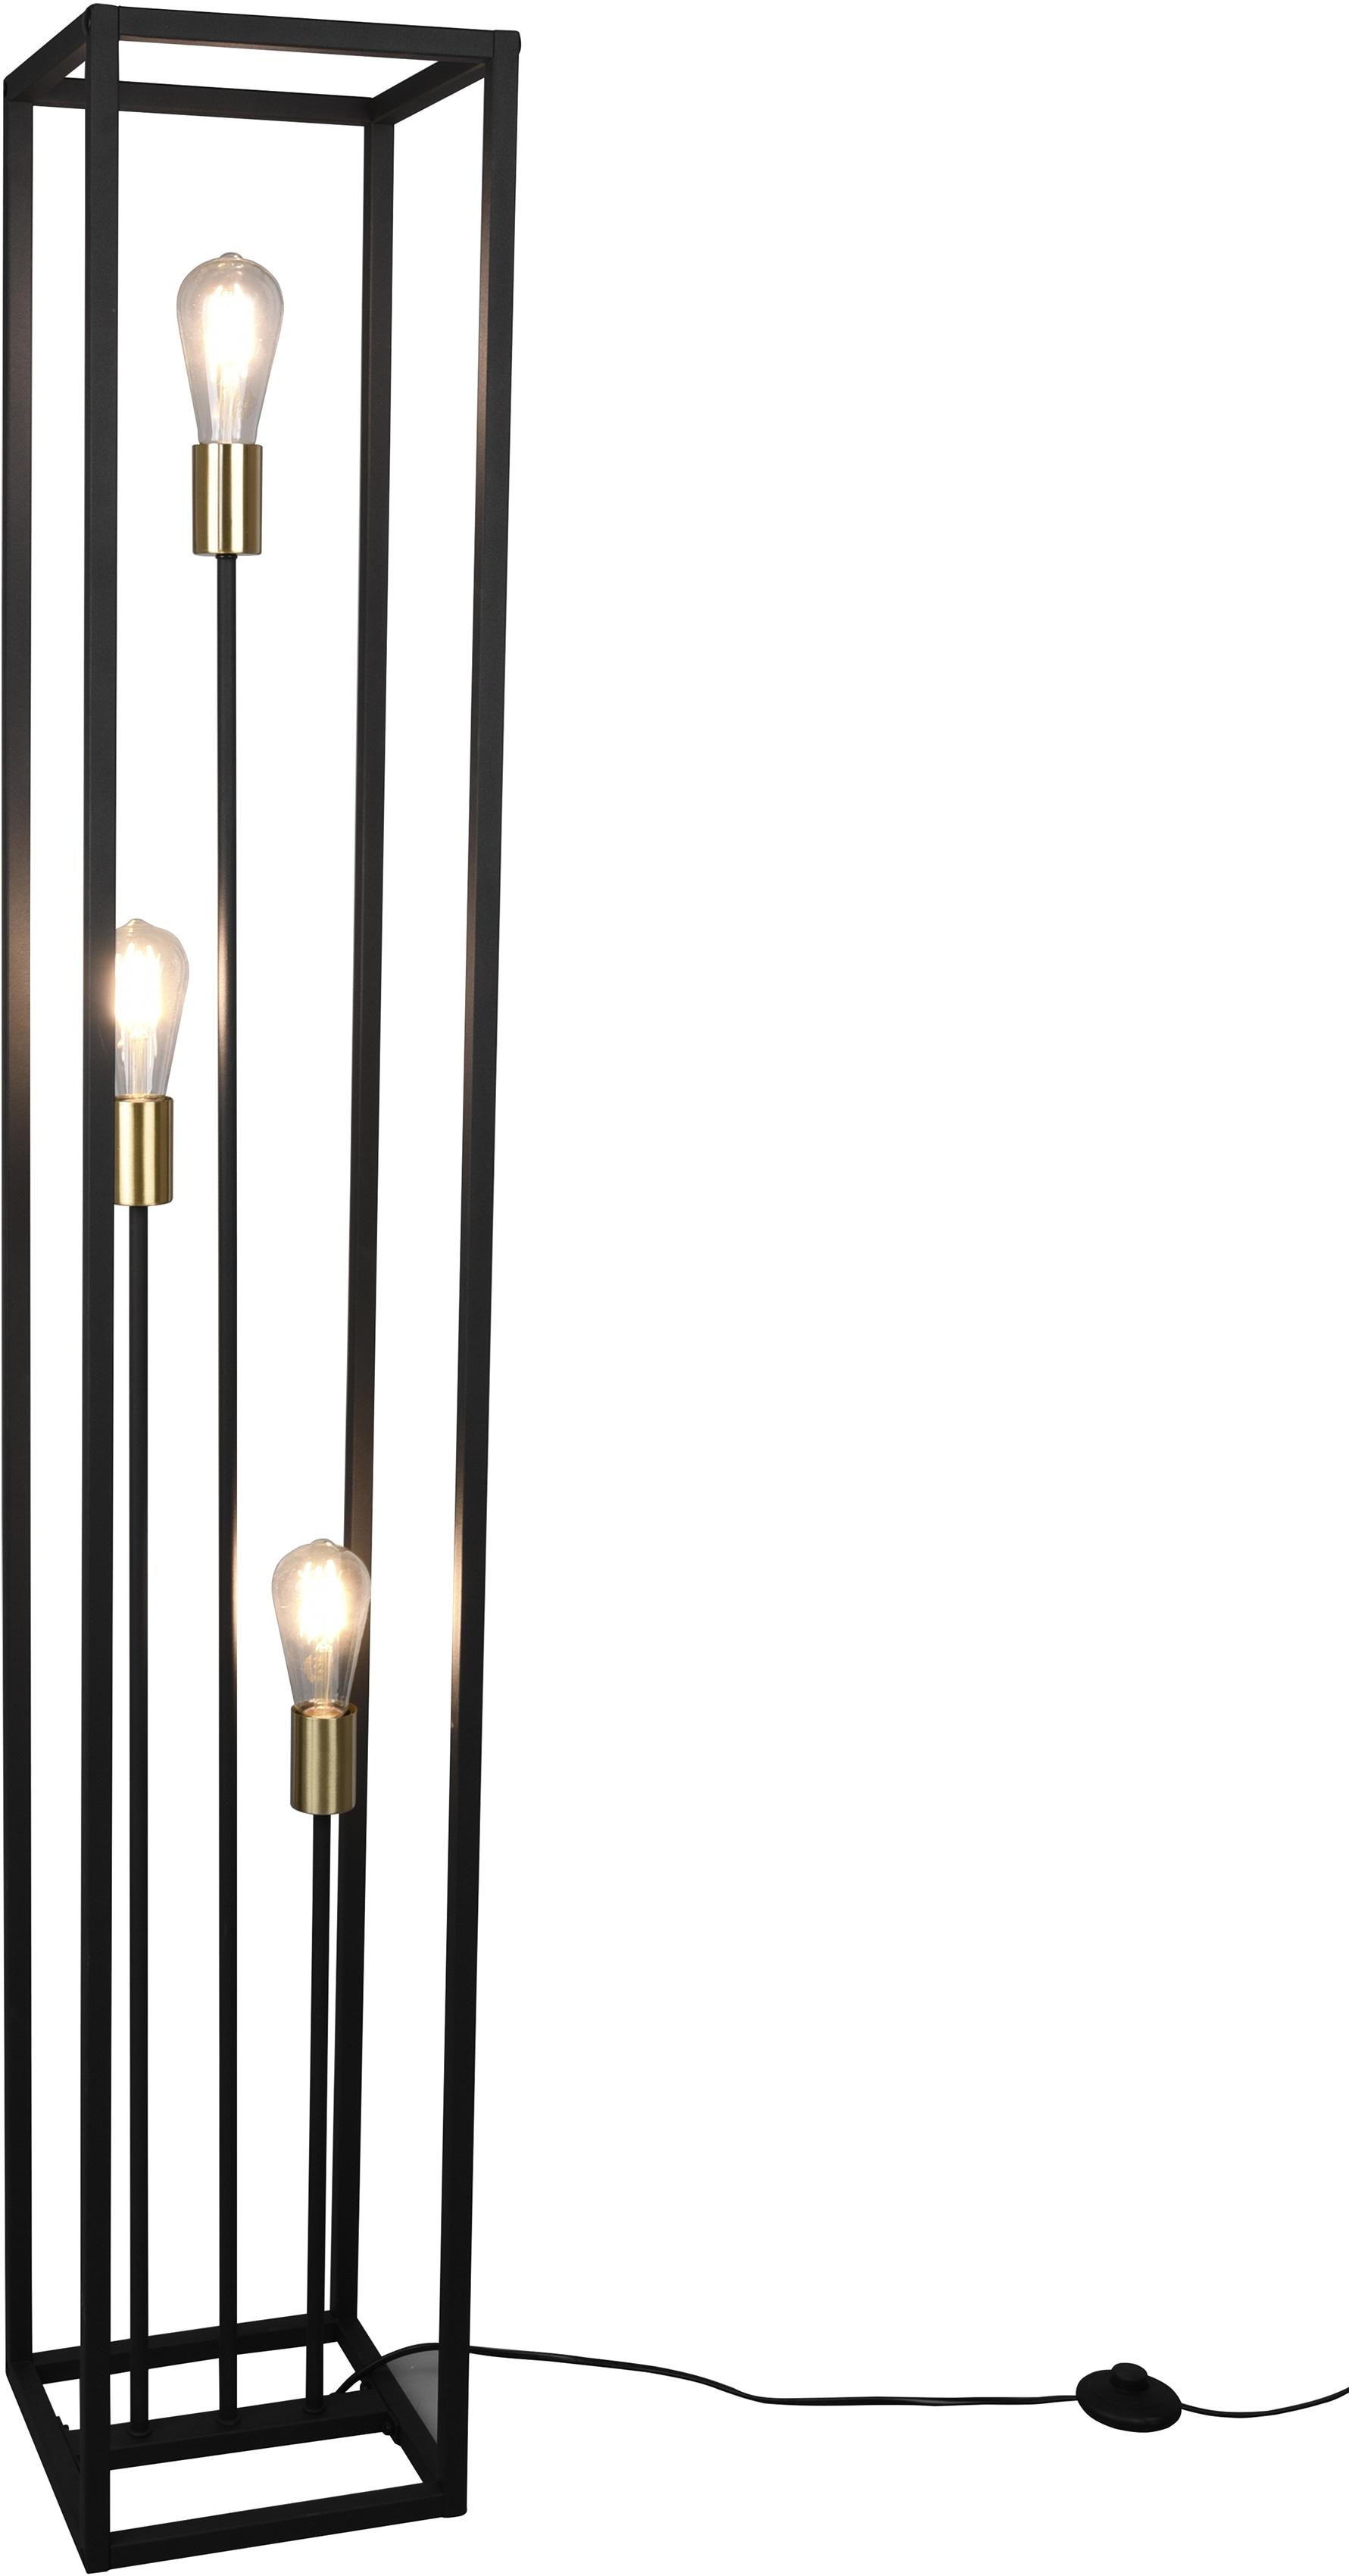 TRIO Leuchten Stehlampe VITO, Stehleuchte 3-flammig, E27, 1 St., Höhe 153cm, Fussschalter, E27-Leuchtmittel frei wählbar, Tülle in Messing abgesetzt